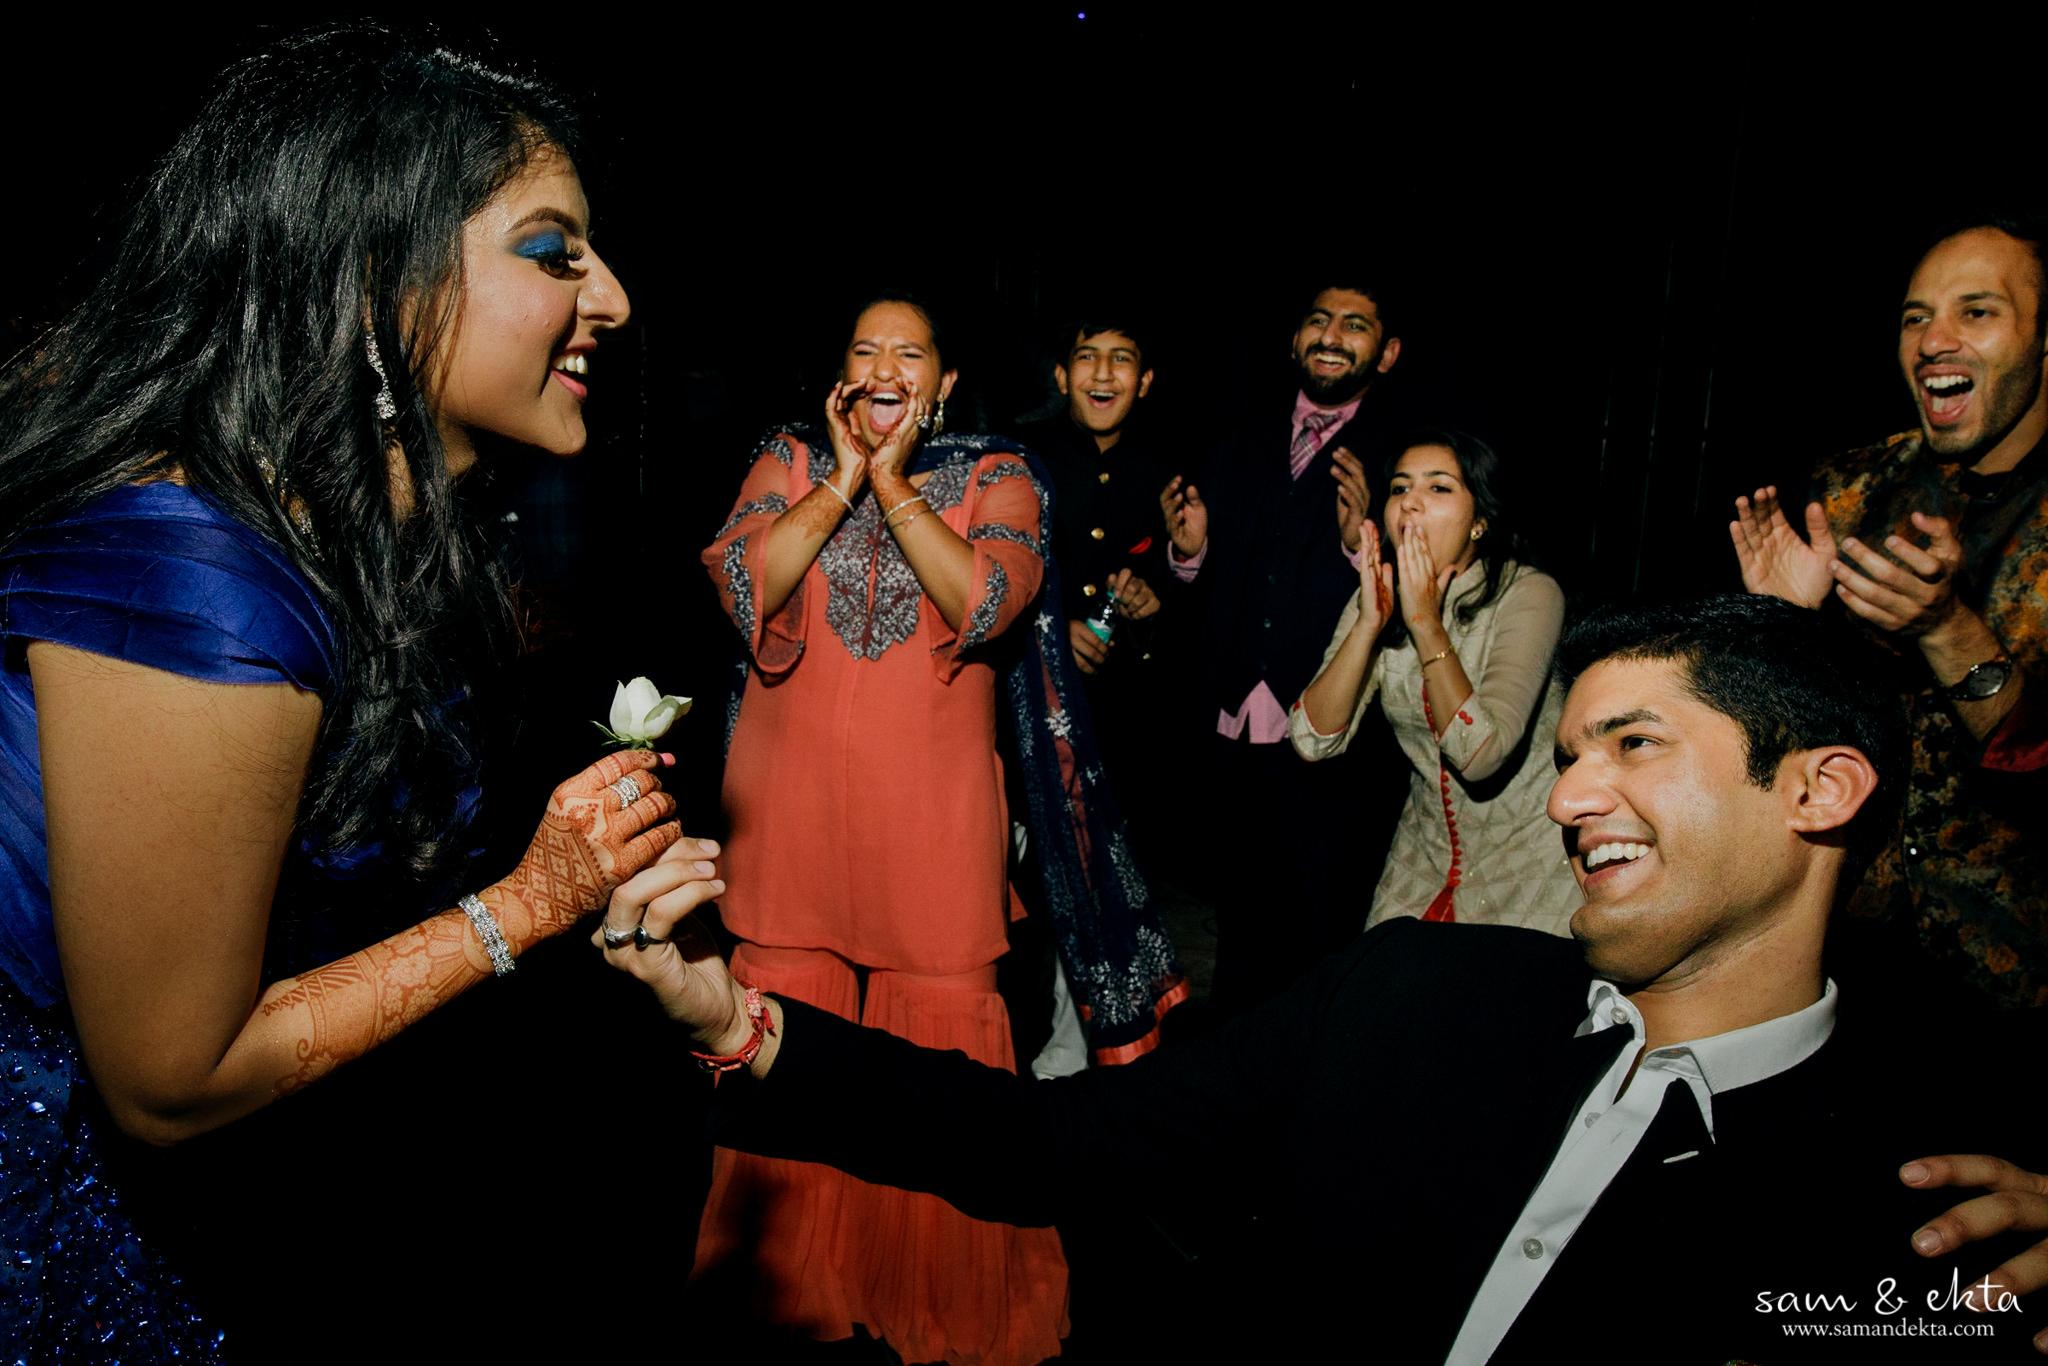 R&R_Marriott Jaipur_www.samandekta.com-40.jpg